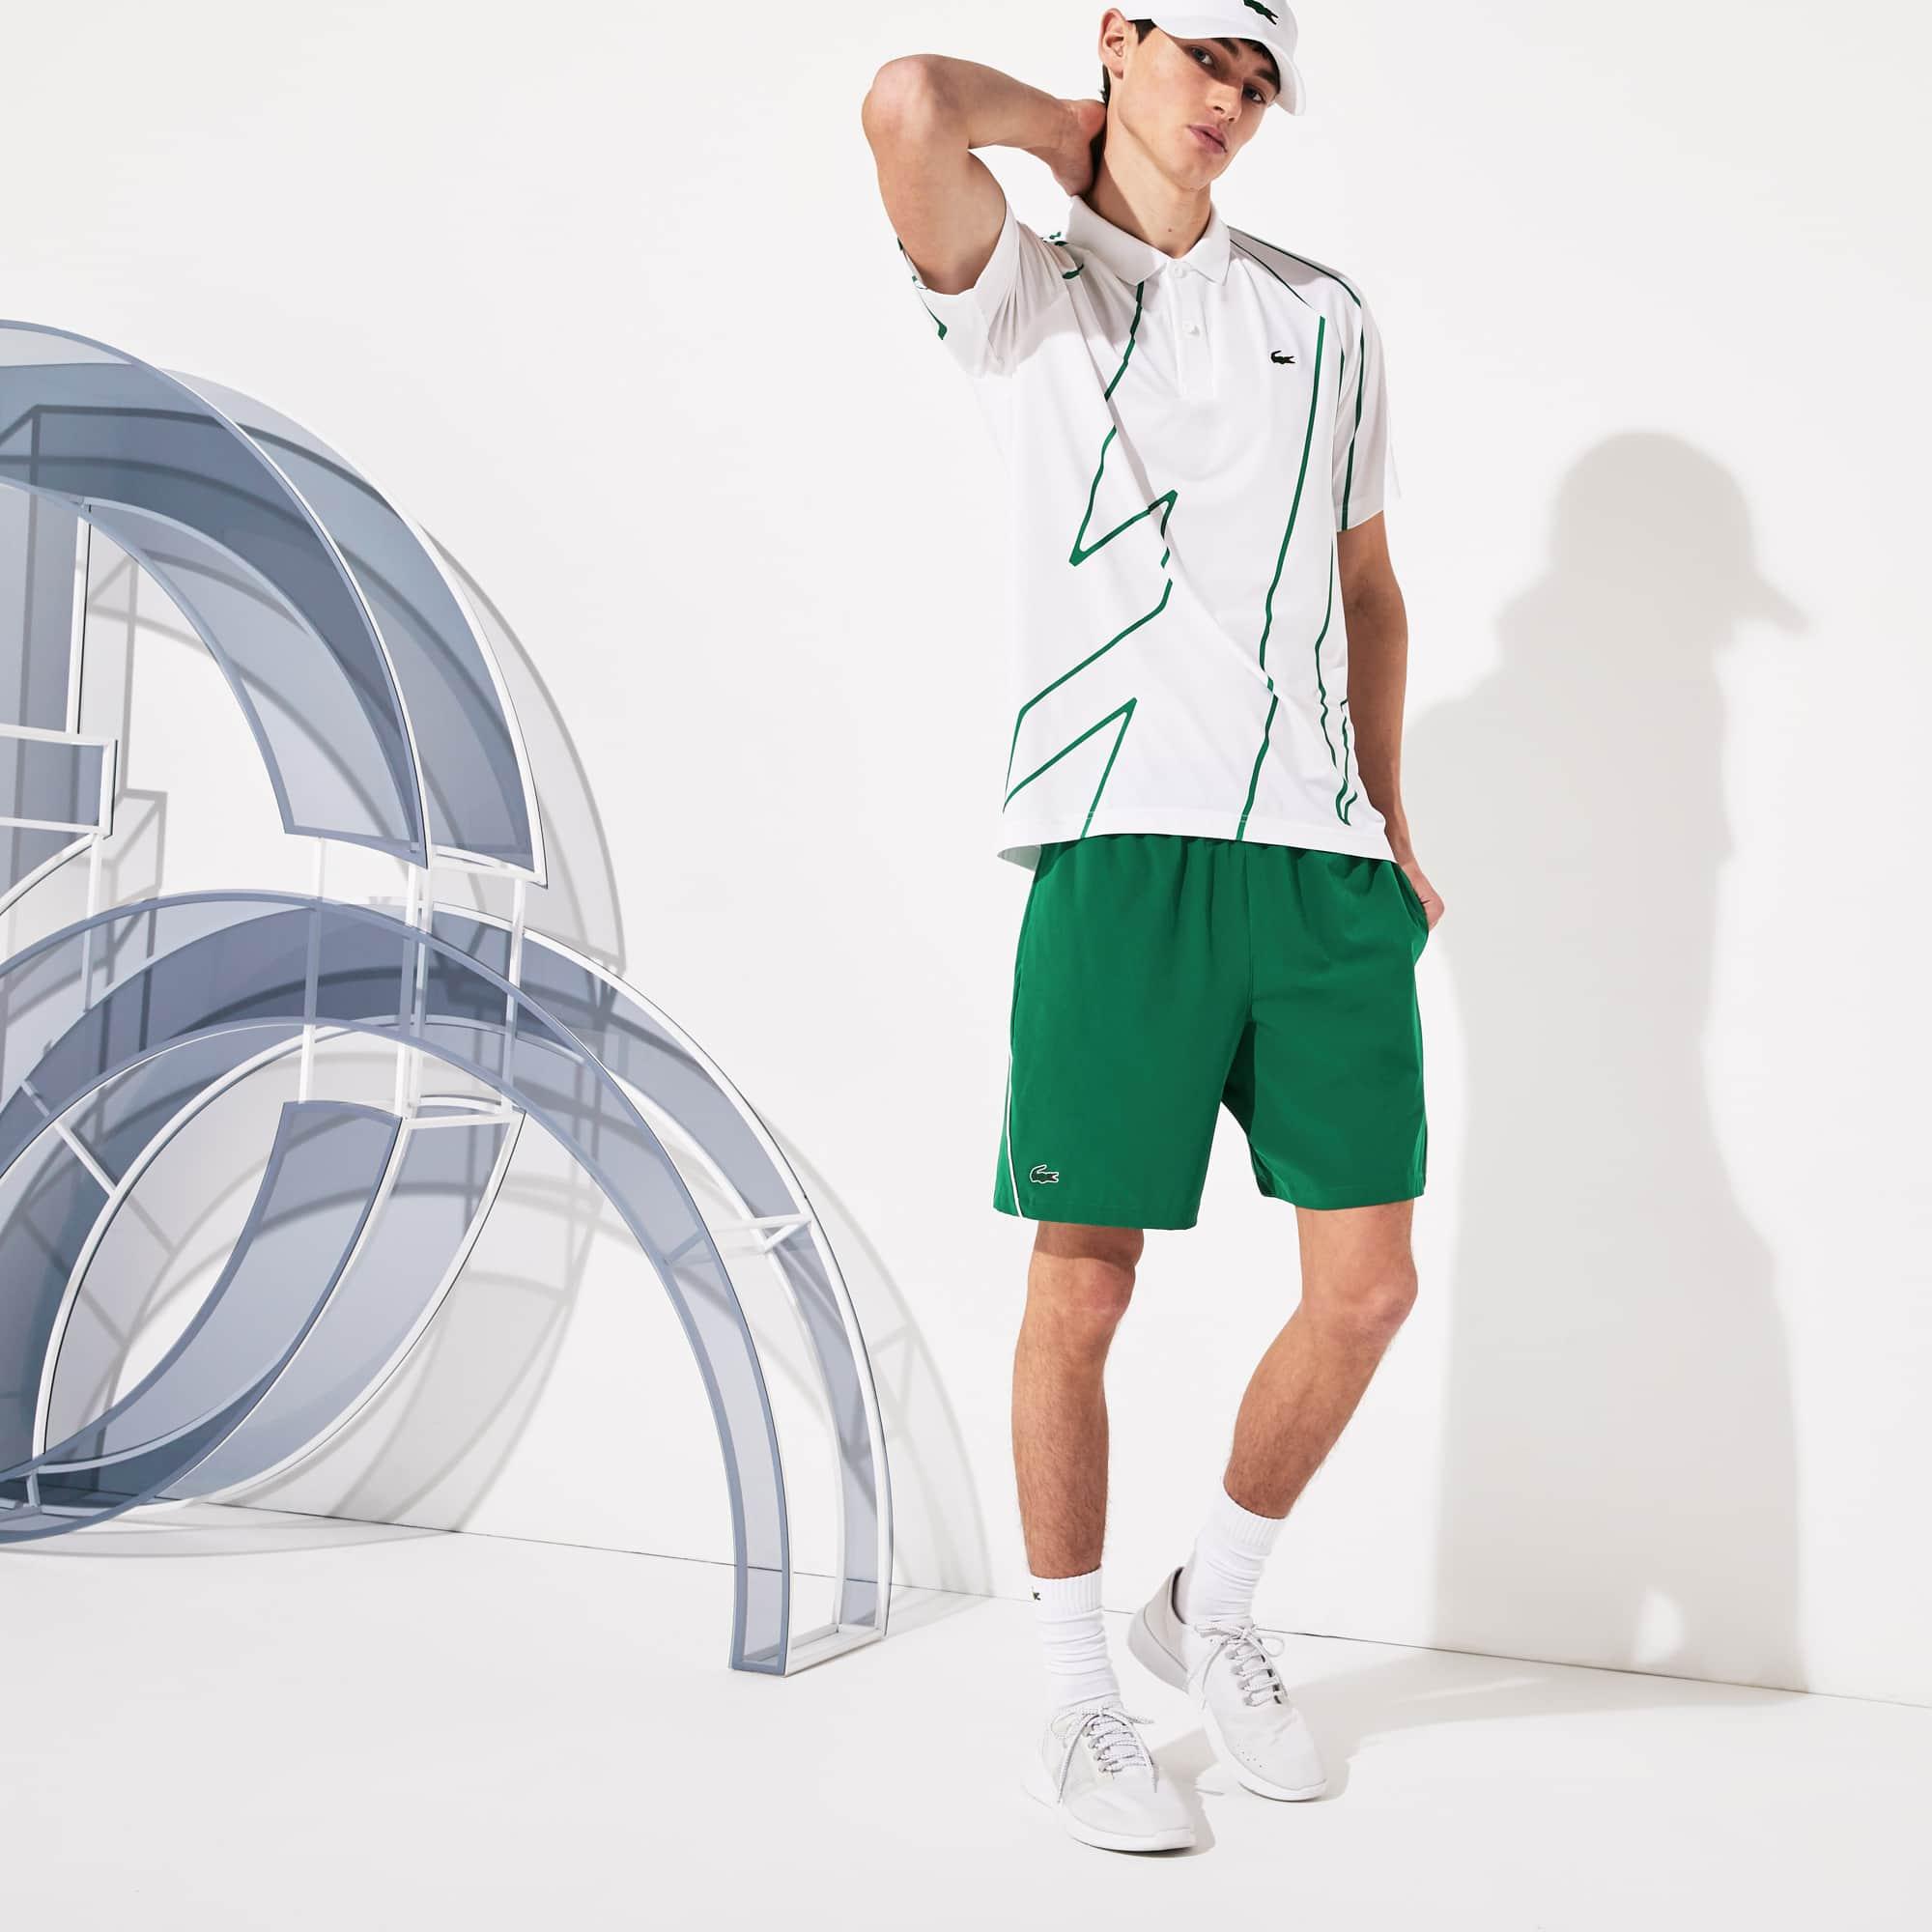 Lacoste SPORT x Novak Djokovic-broek heren kort ademend met stretch